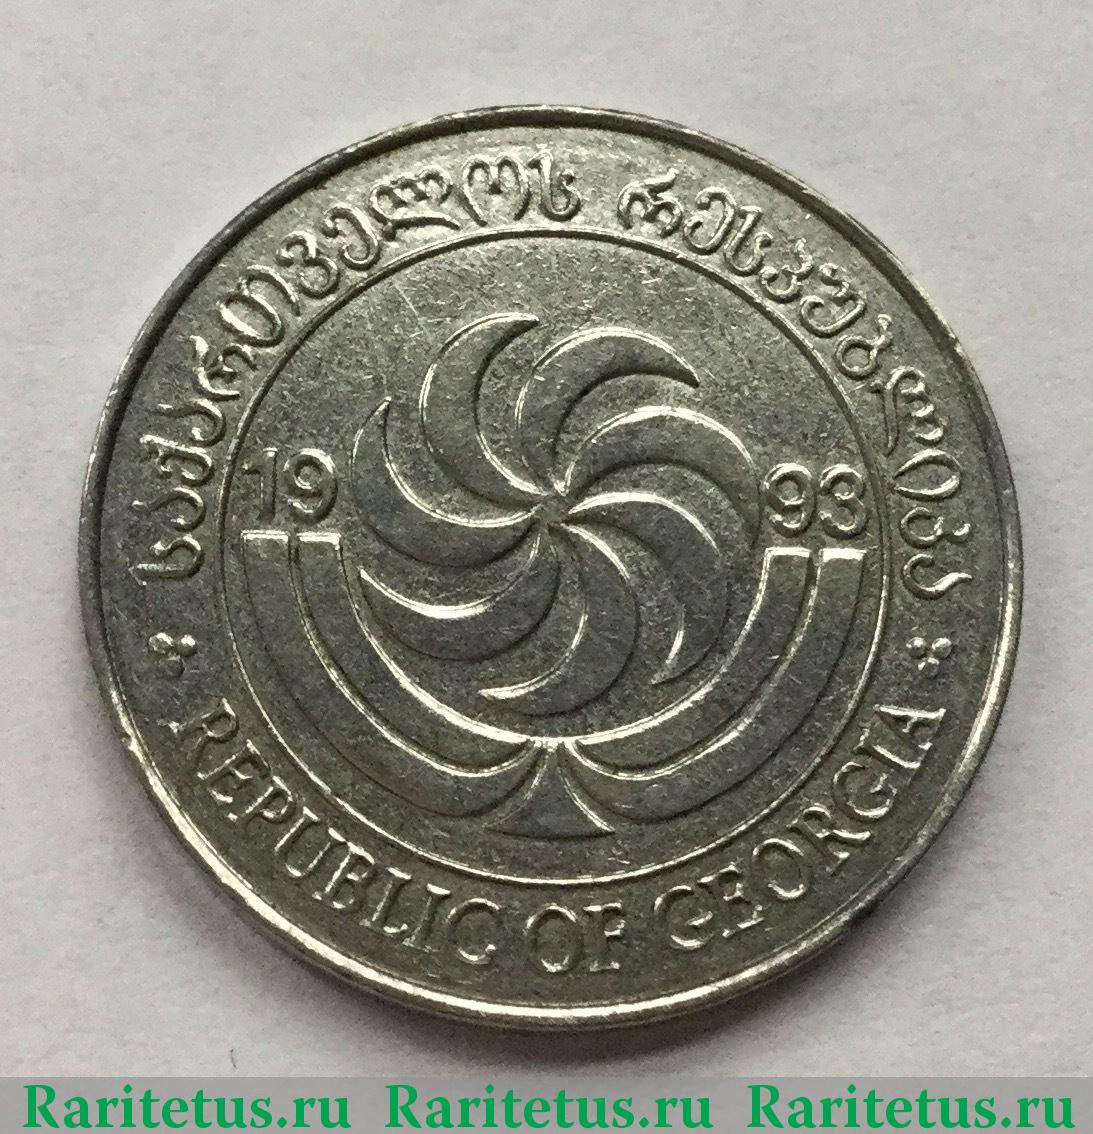 Geeorga монета 1998 года купить бонны артикугля